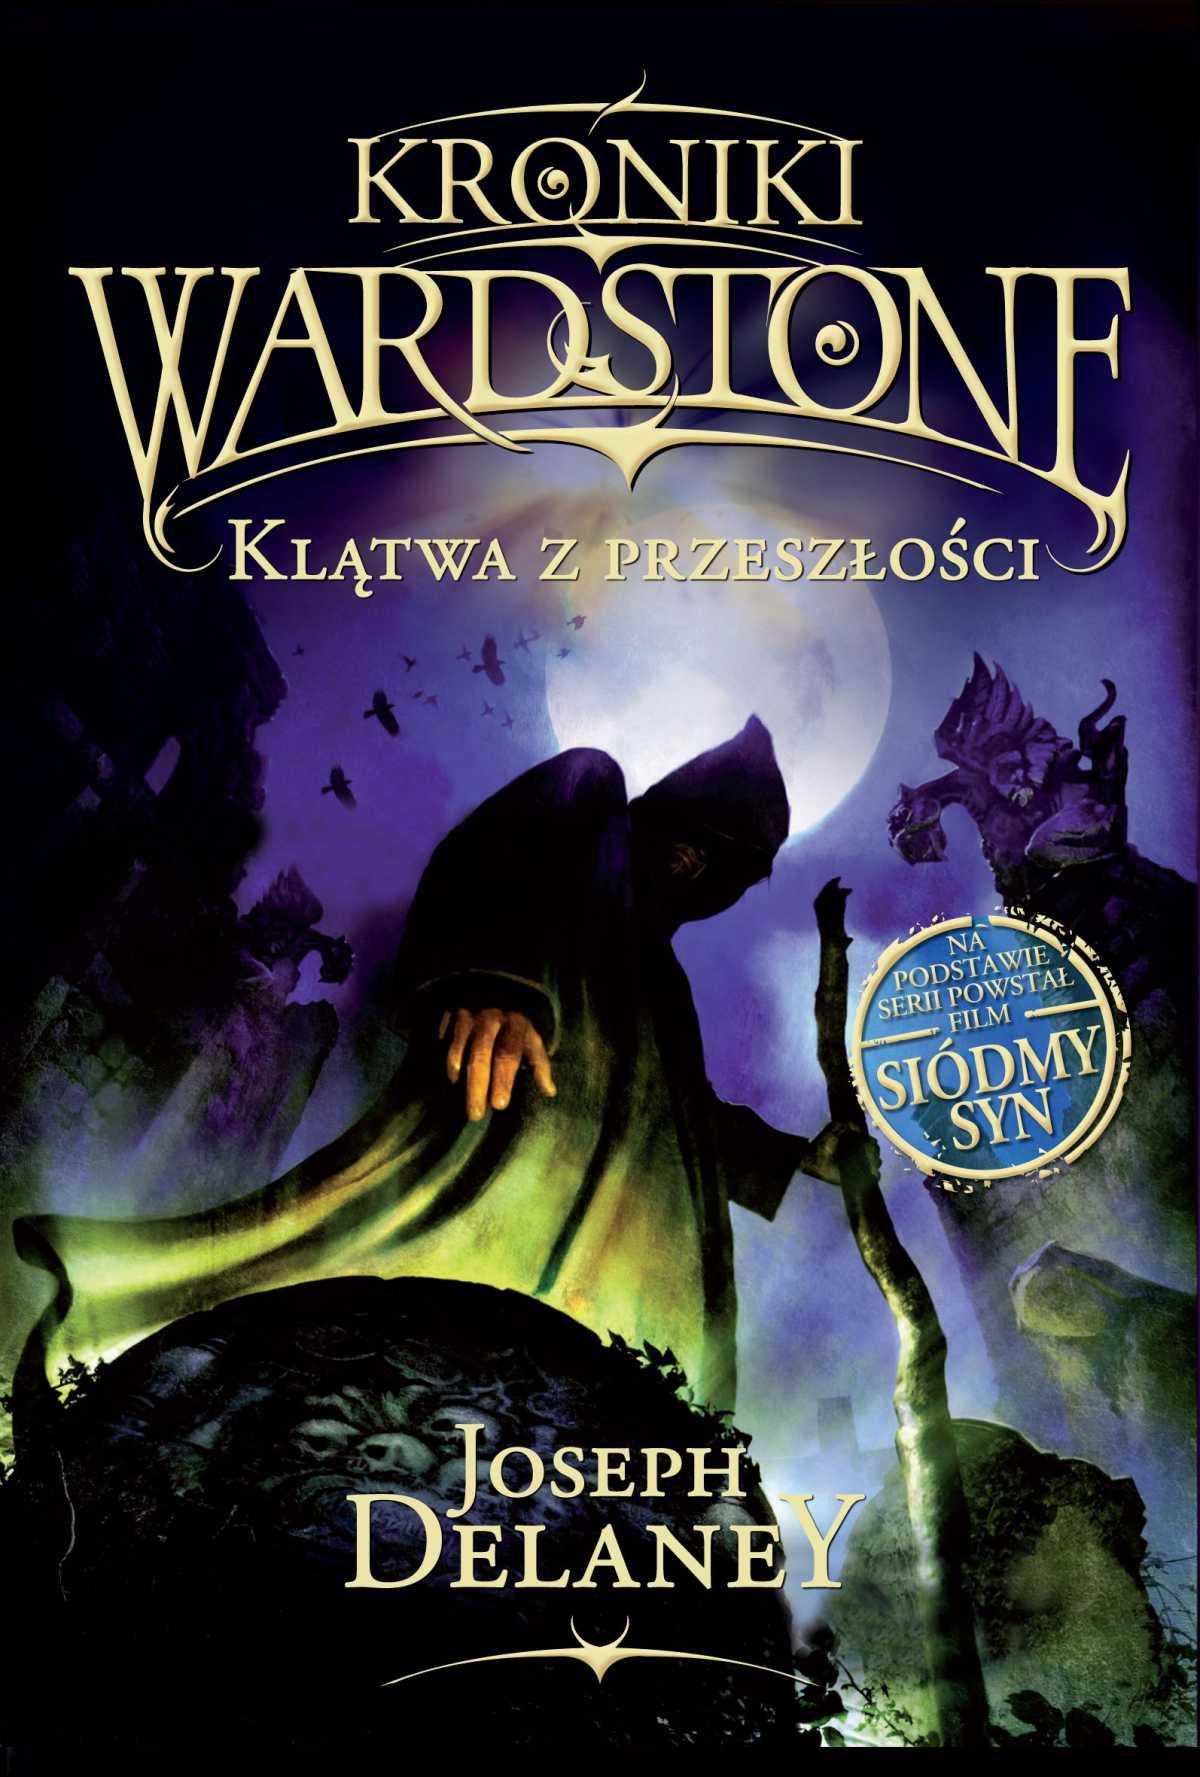 Kroniki Wardstone 2. Klątwa z przeszłości - Tylko w Legimi możesz przeczytać ten tytuł przez 7 dni za darmo. - Joseph Delaney